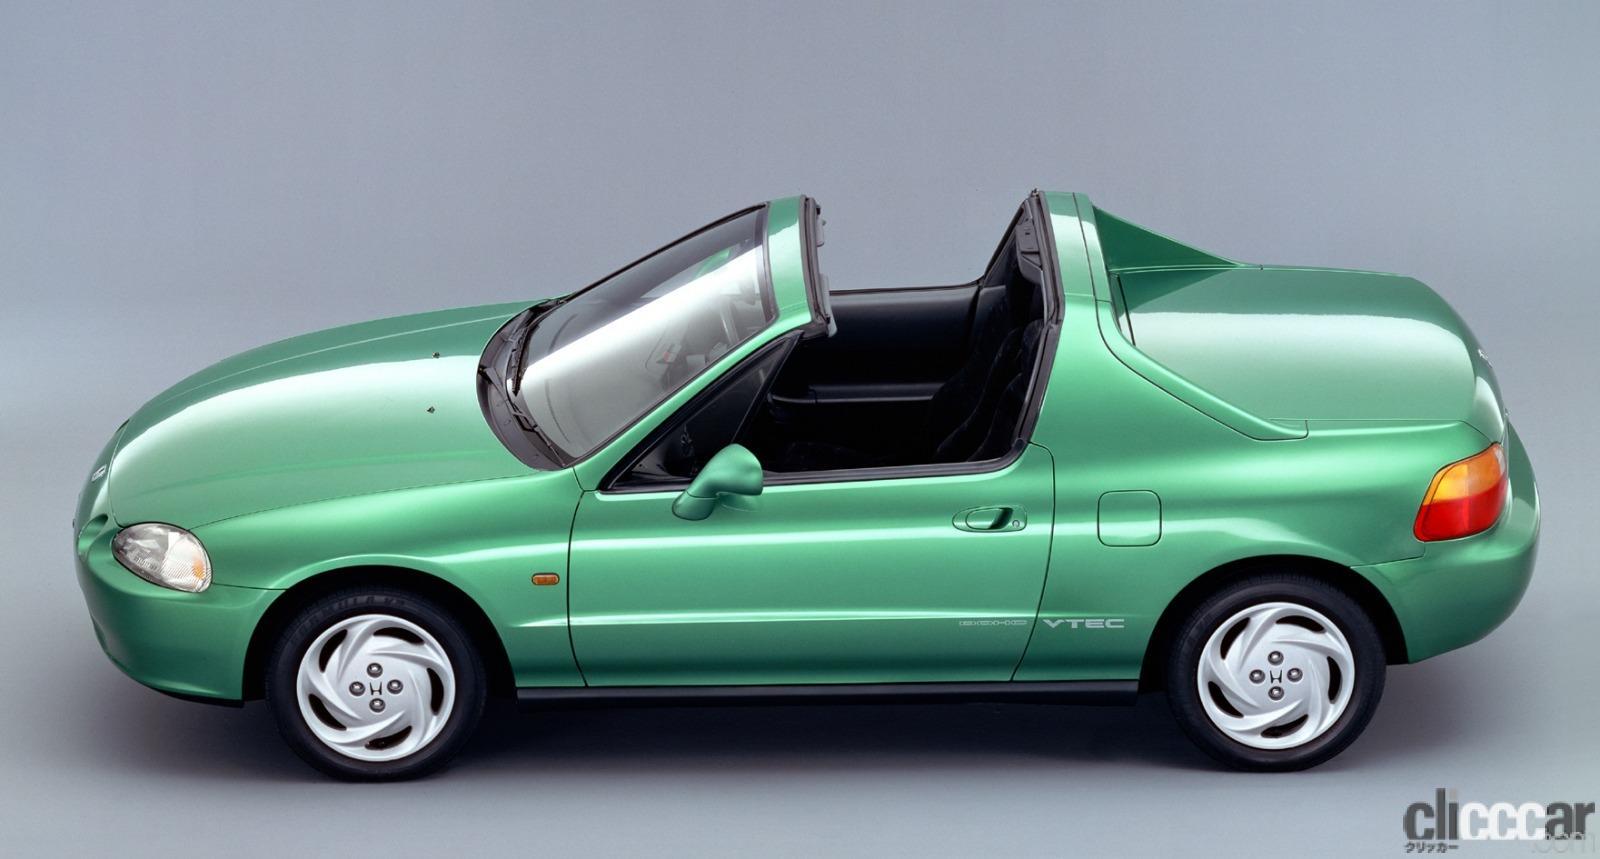 「ホンダ CR-Xデルソルが放つ南欧の光と風で、カタチも気分も変わる【ネオ・クラシックカー・グッドデザイン太鼓判「個性車編」第11回】」の2枚目の画像